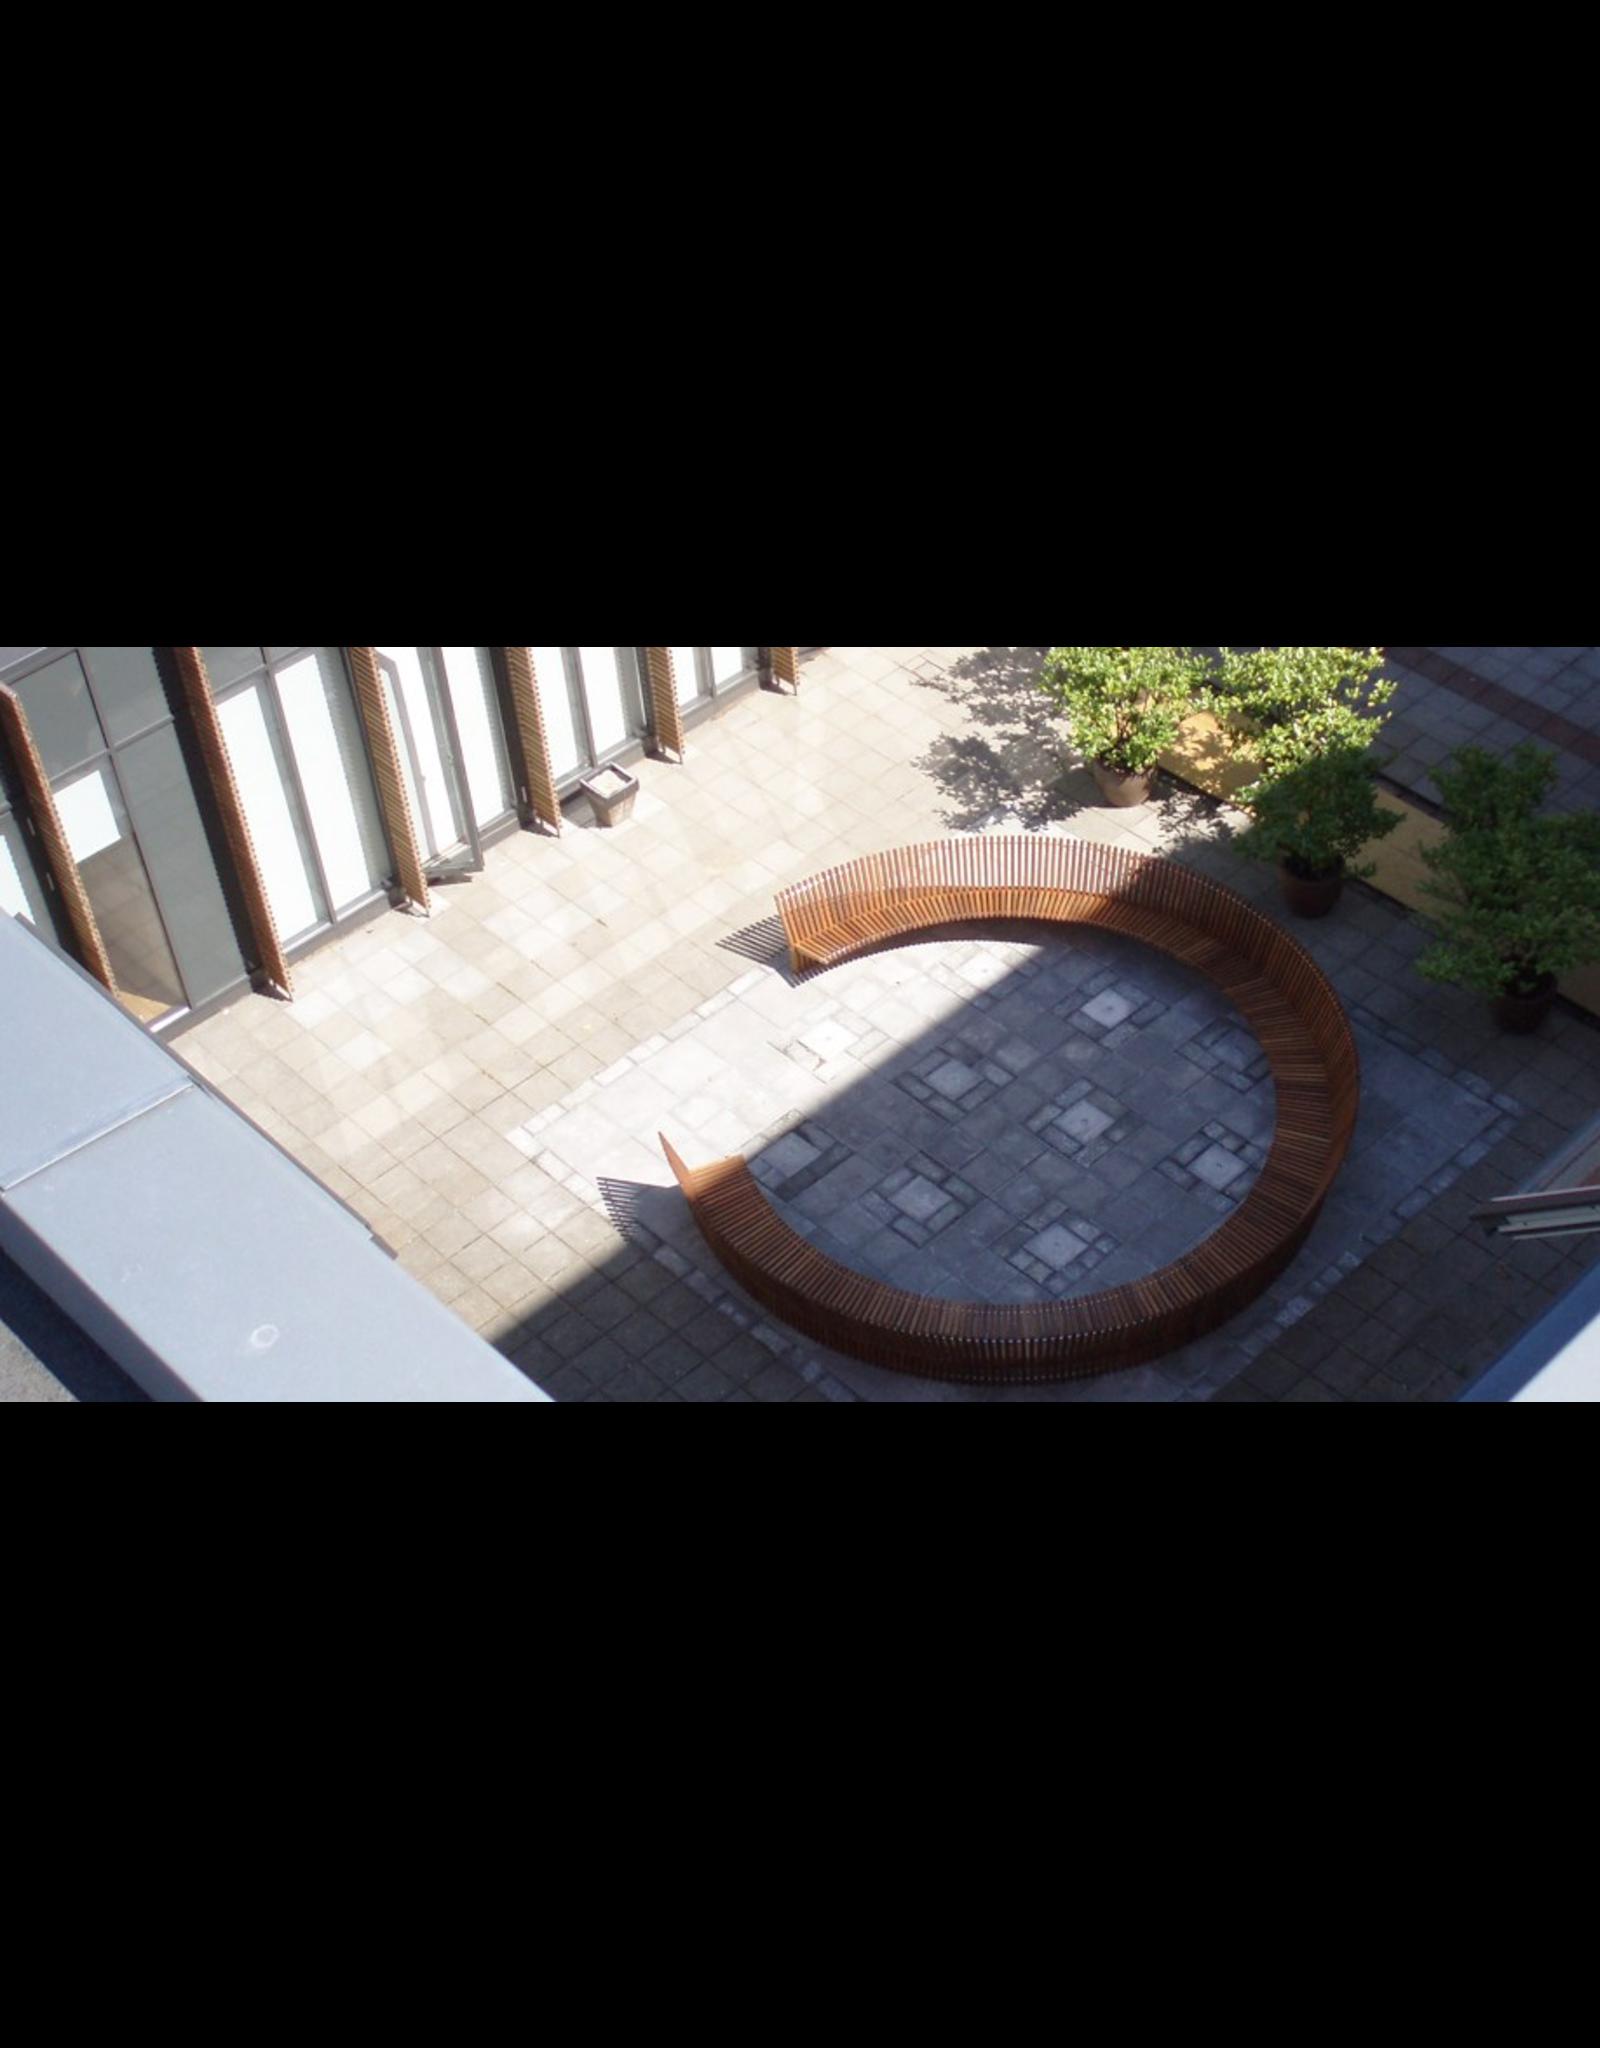 ASTRAL SEMI-CIRCLE BENCH